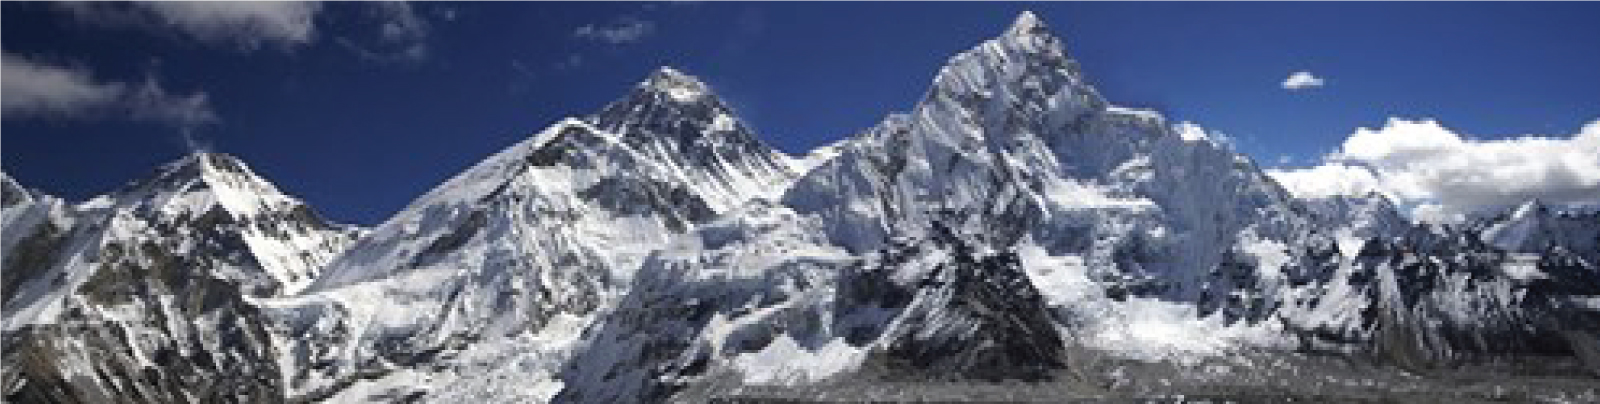 60c258e924 Leadership & Teamwork : Everest - Knowledge